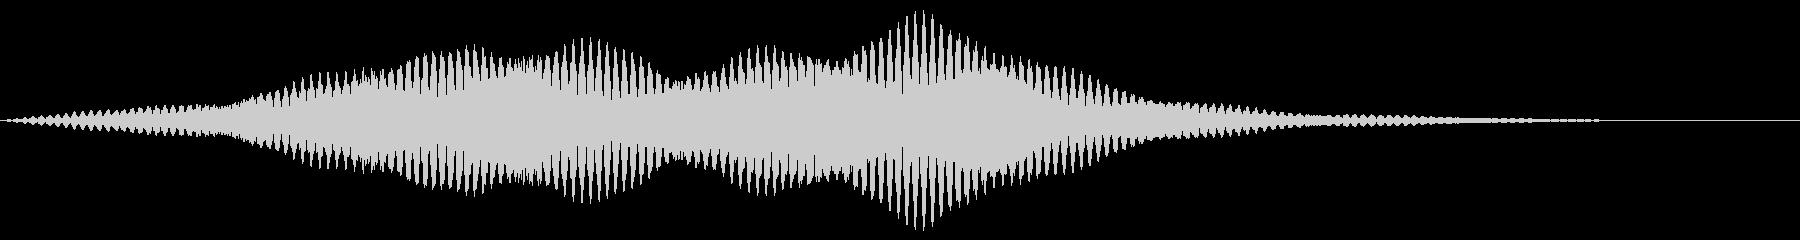 シンセを使った不穏な音【ファー】の未再生の波形